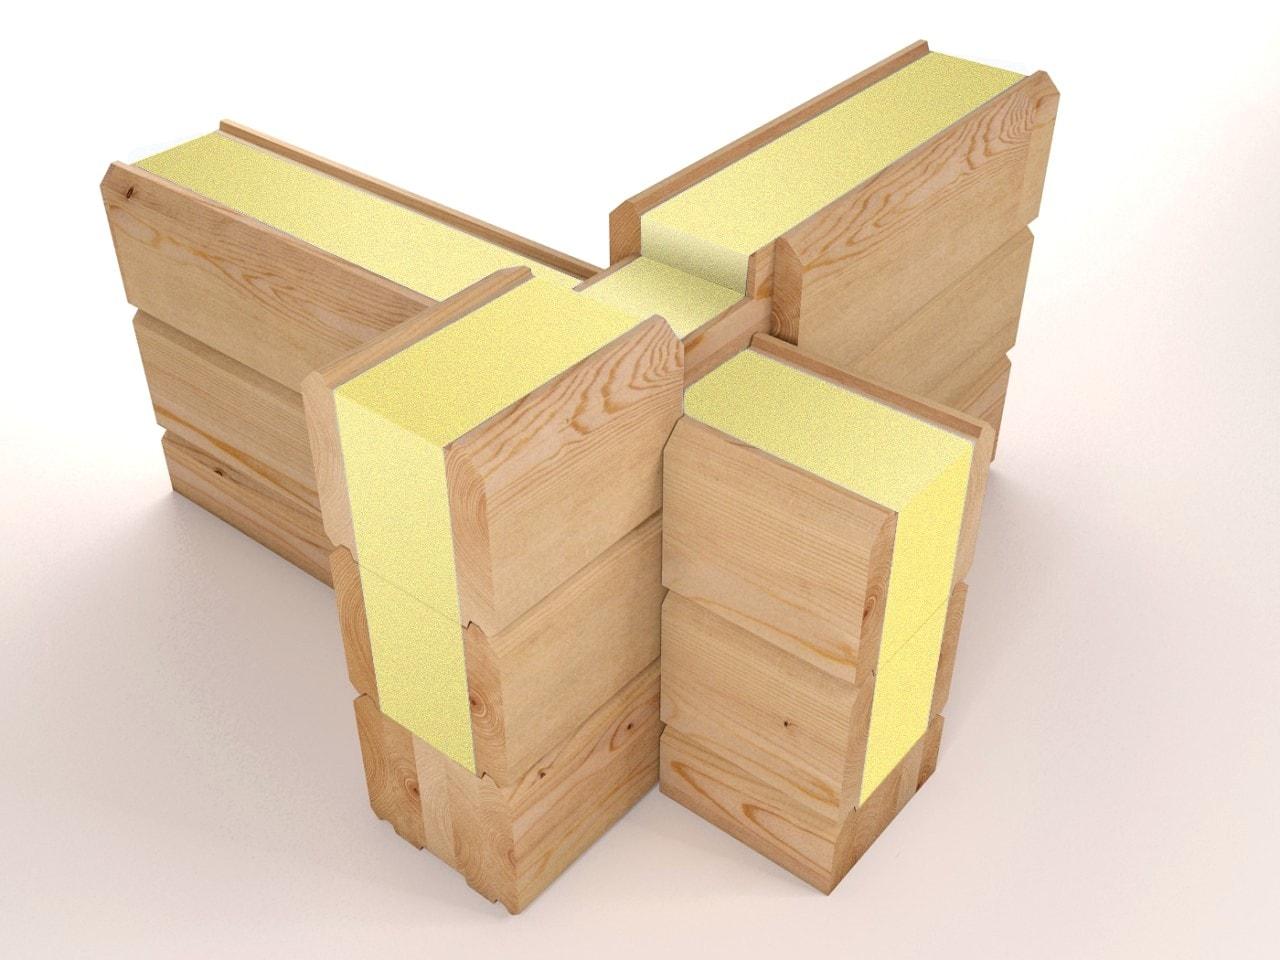 ?сравнение бруса и клеенного бруса - из чего лучше строить дом - блог о строительстве